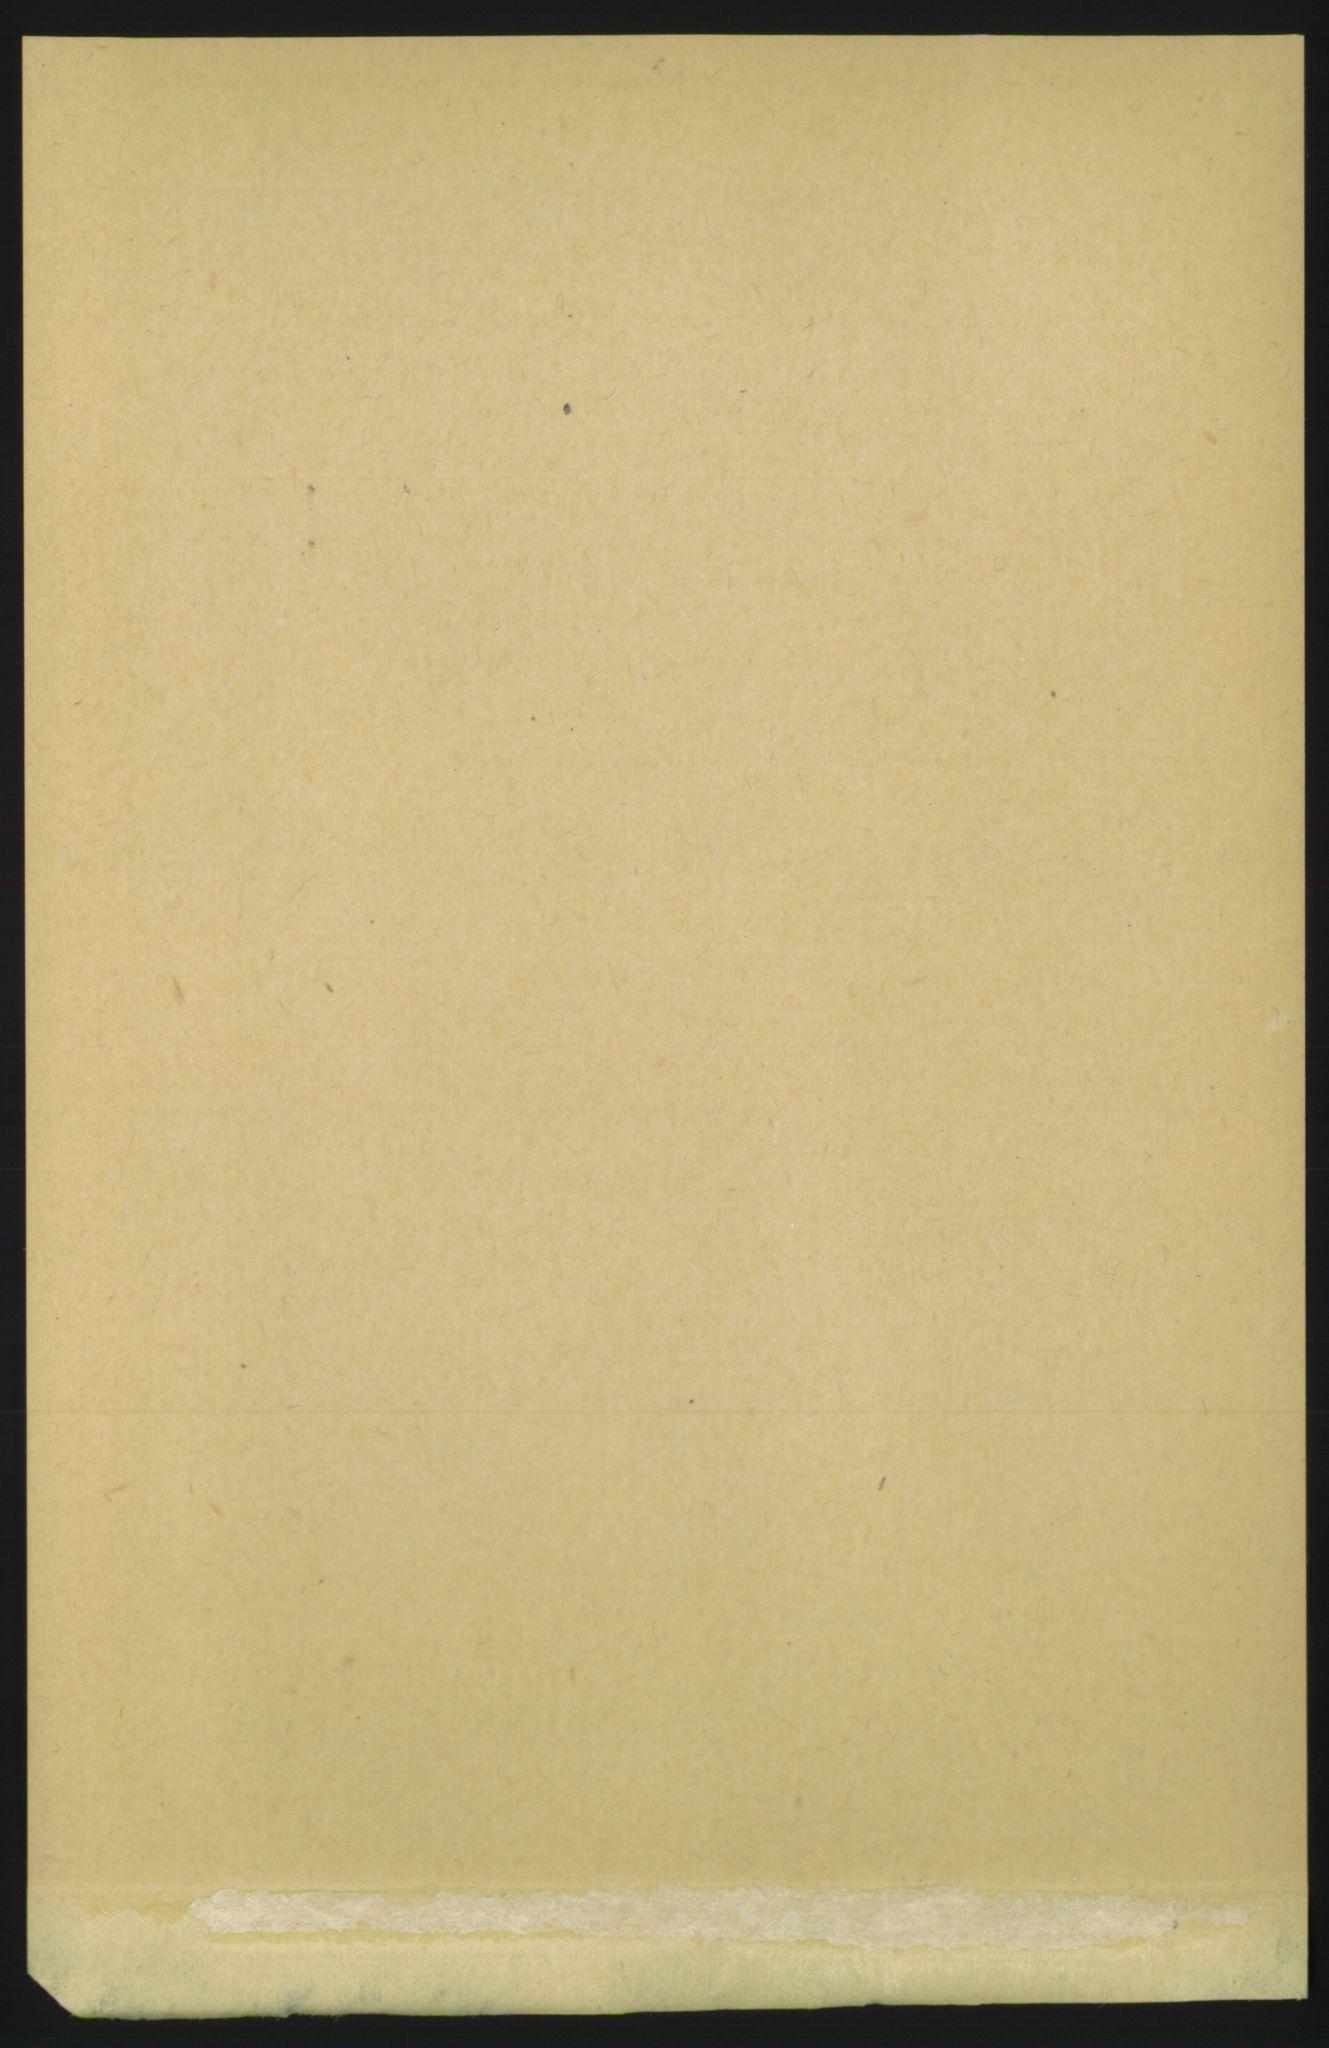 RA, Folketelling 1891 for 1531 Borgund herred, 1891, s. 1263